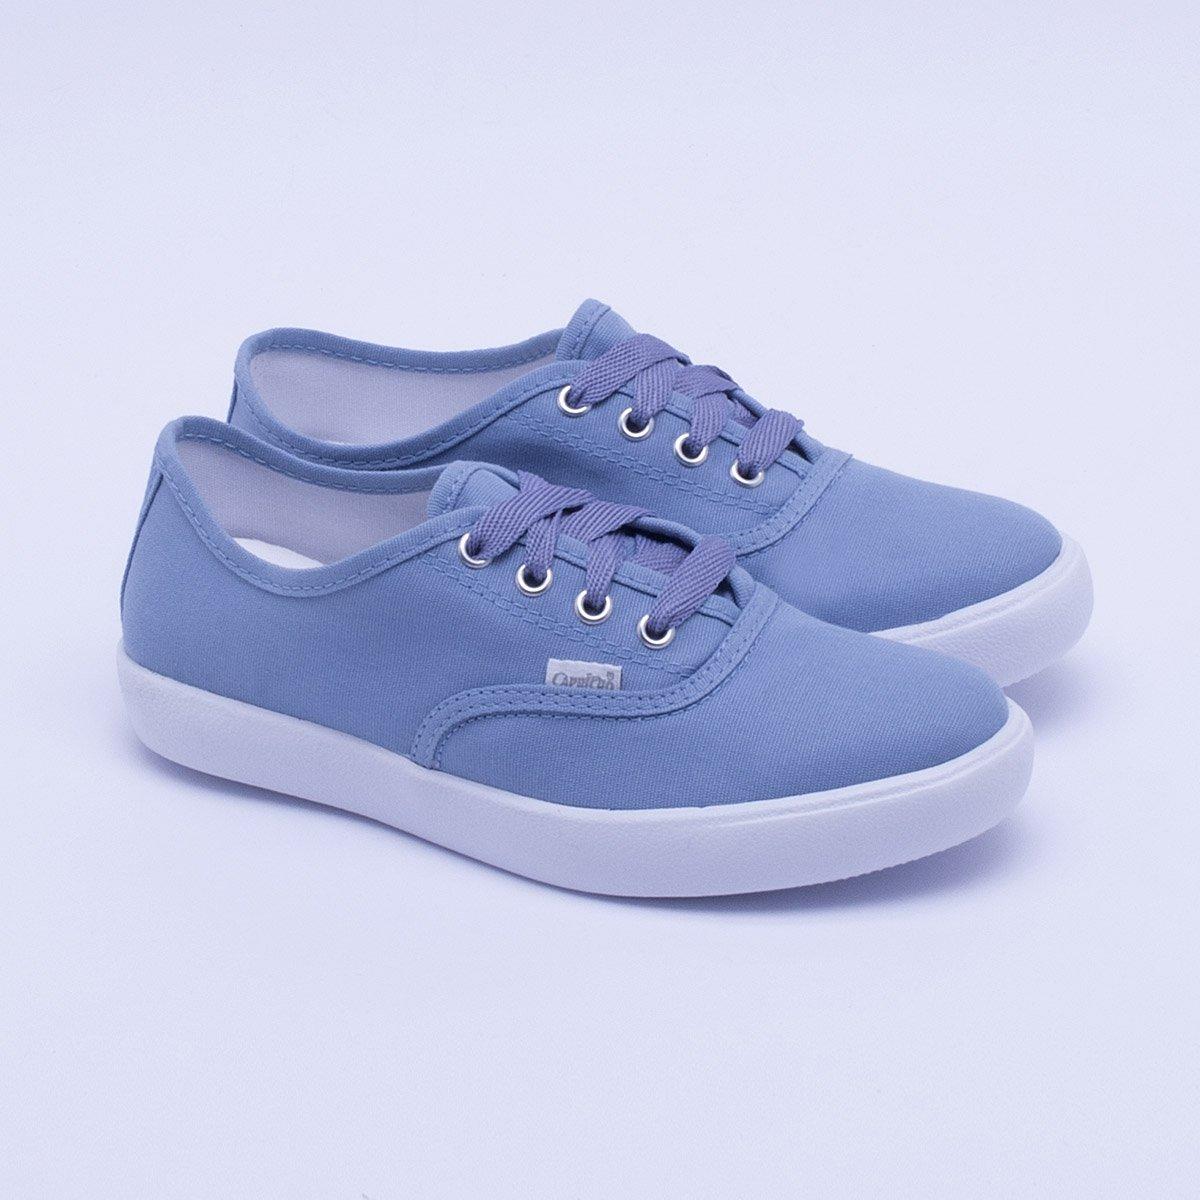 54db1aee280 Tênis Capricho Shoes Control - Compre Agora